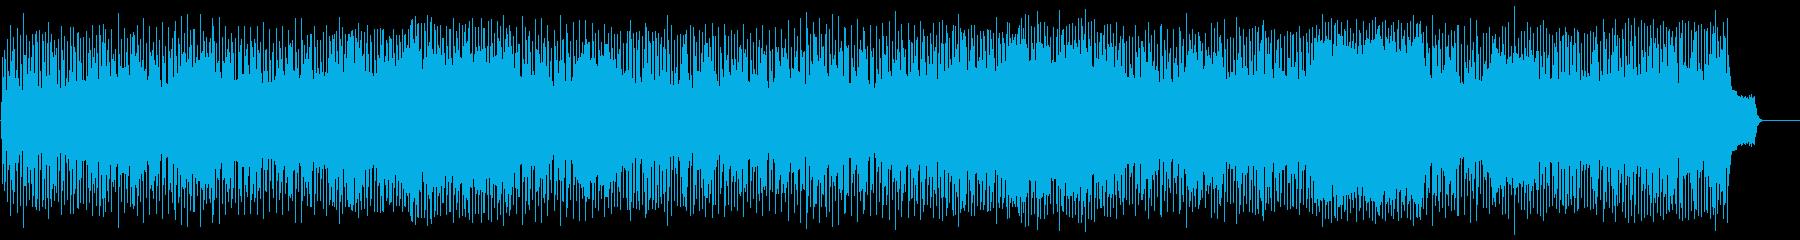 背中に哀愁漂うポップ(フルサイズ)の再生済みの波形